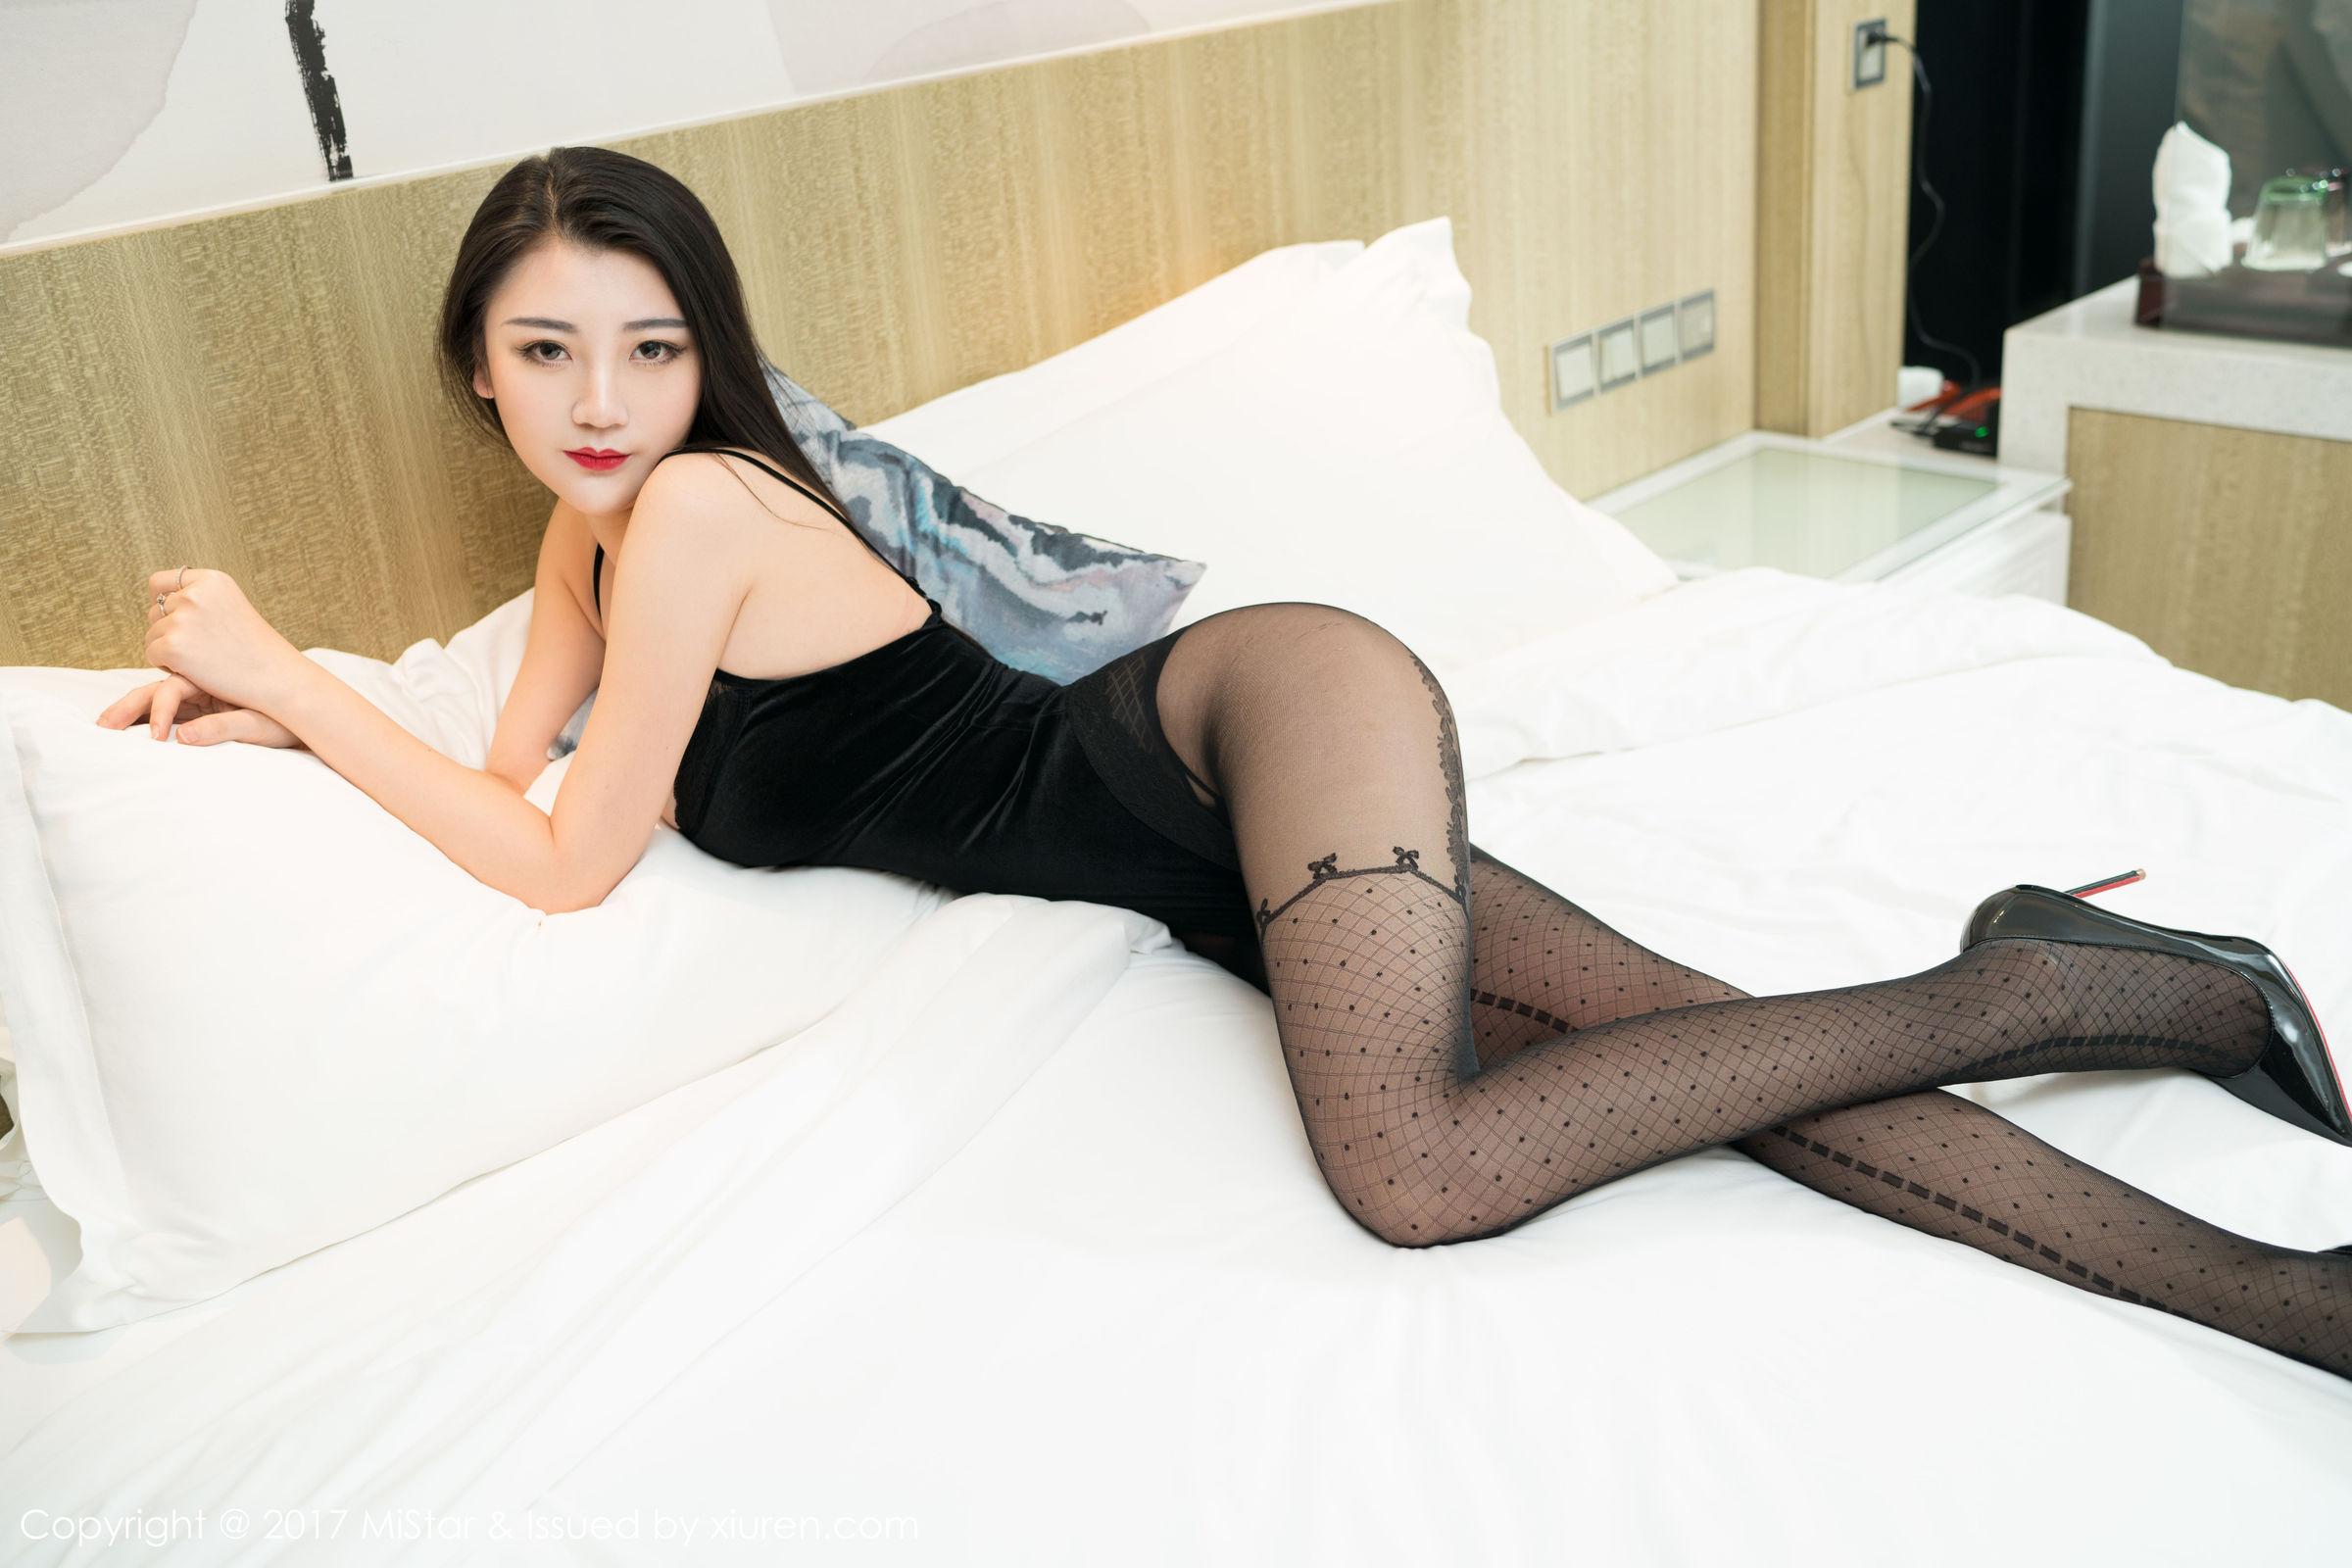 性感美女@刘懿萱Yoyo首套写真